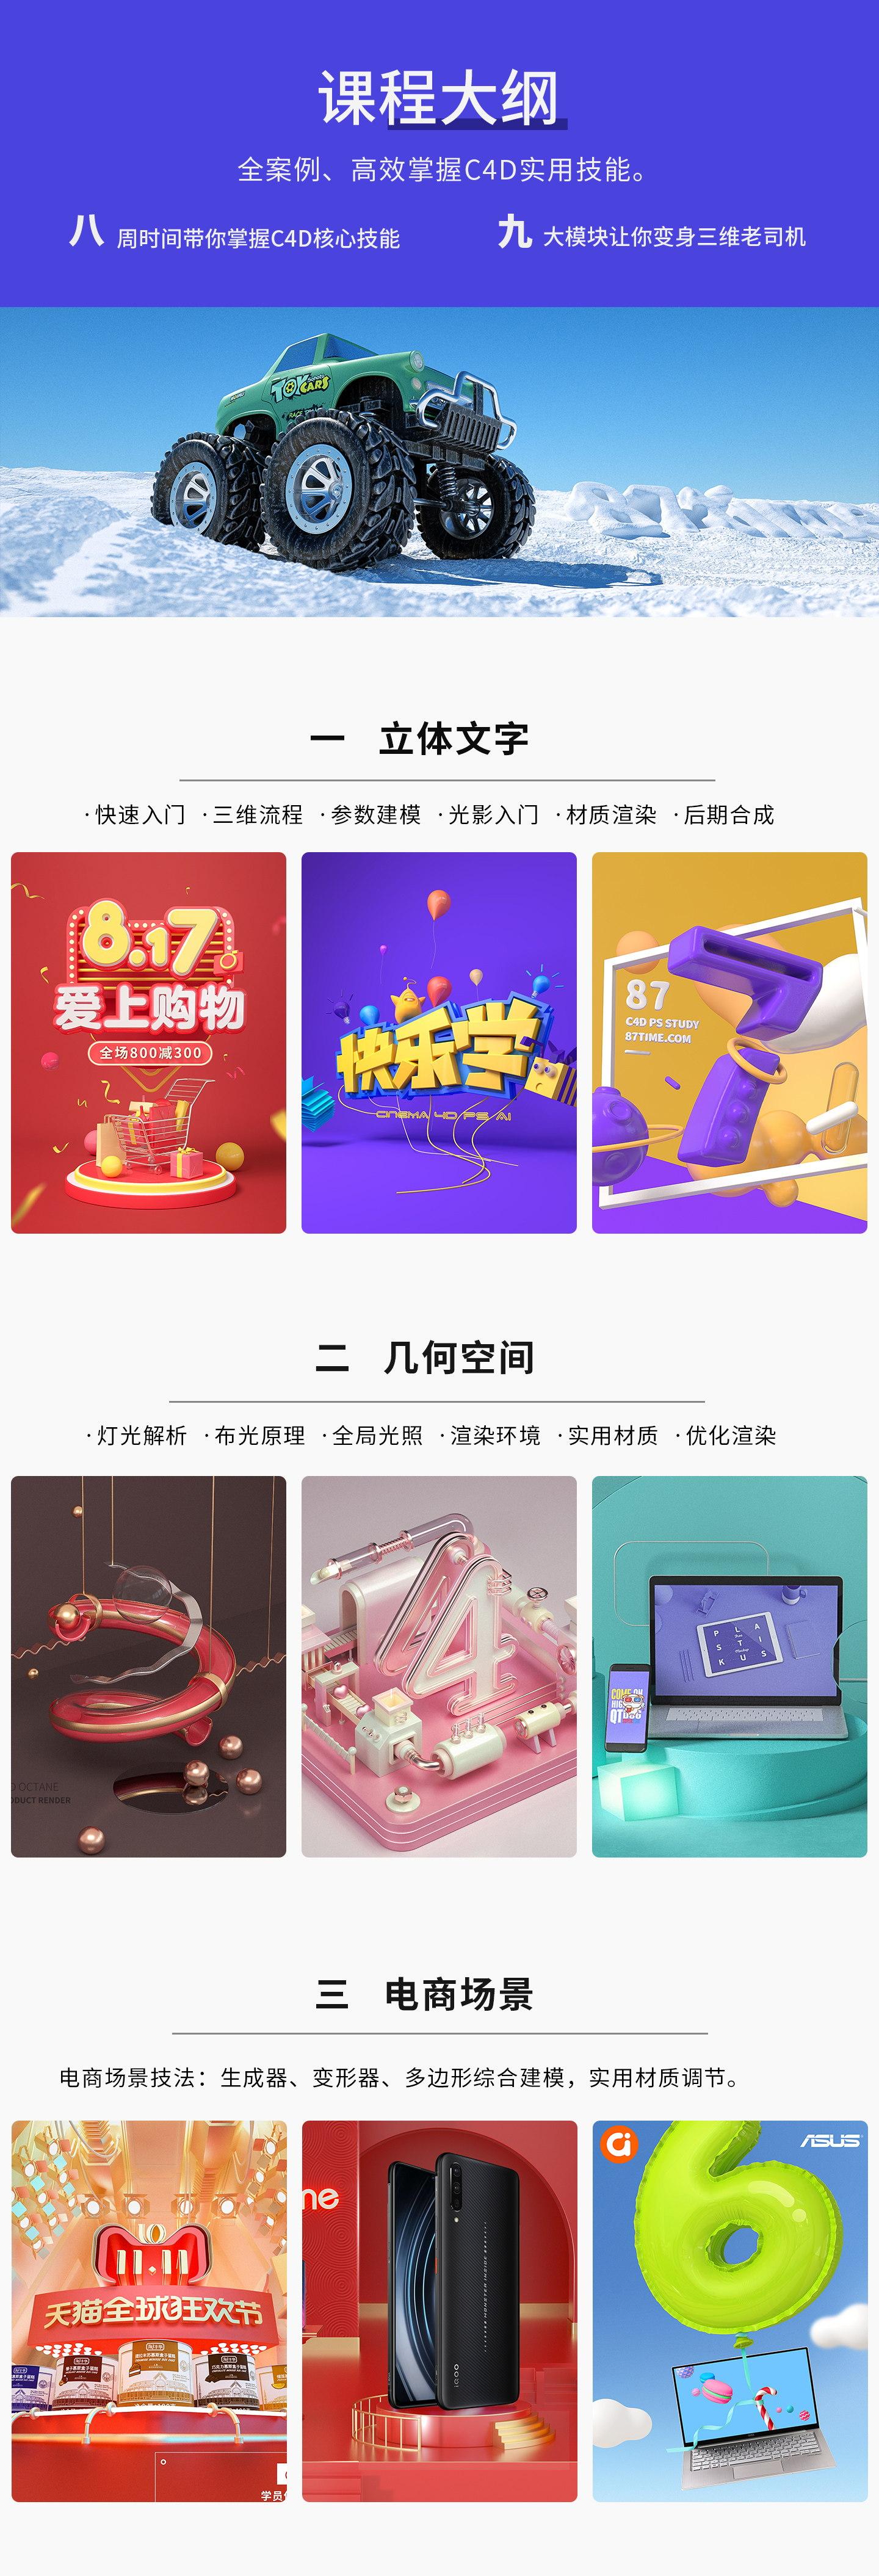 a04_看图王.jpg